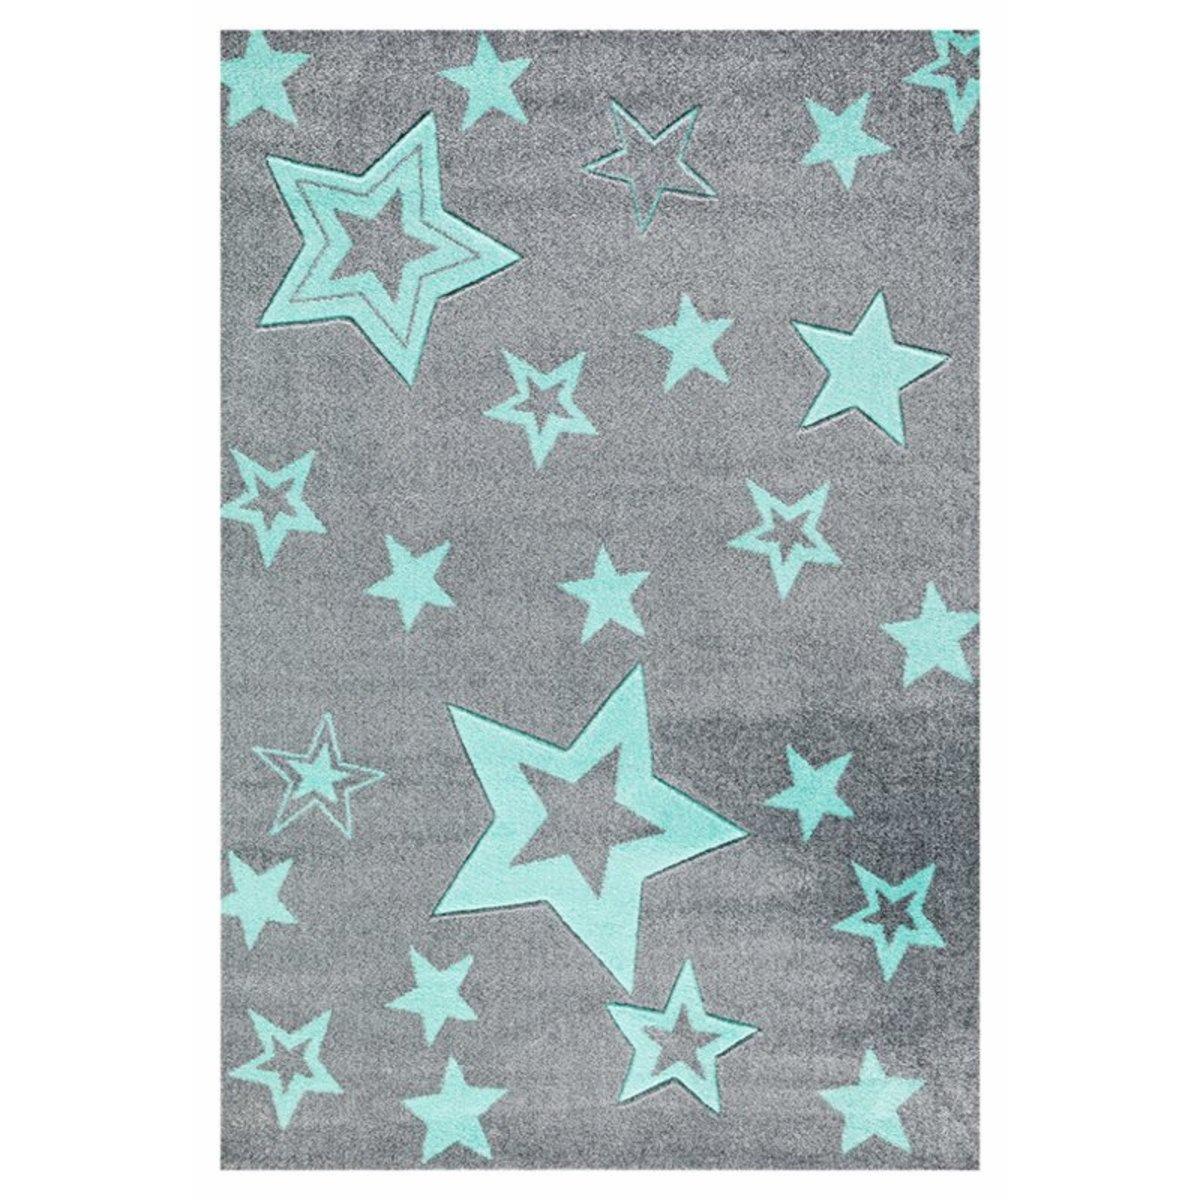 Detský koberec STARLIGHT - grau/mint 160 x 230 cm